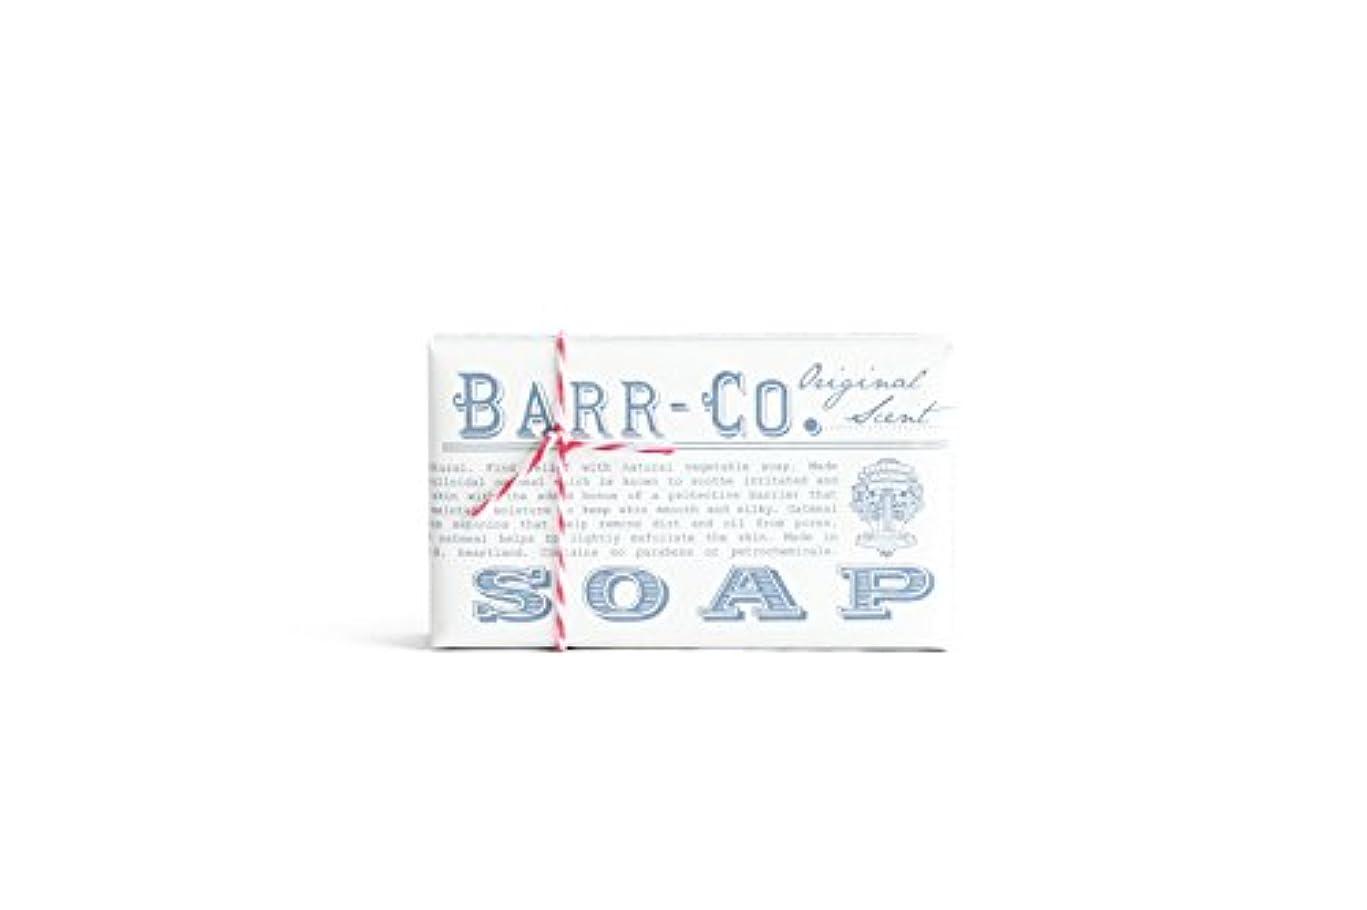 夫アクセシブルゆでるBARR-CO.(バーコー) バーソープ